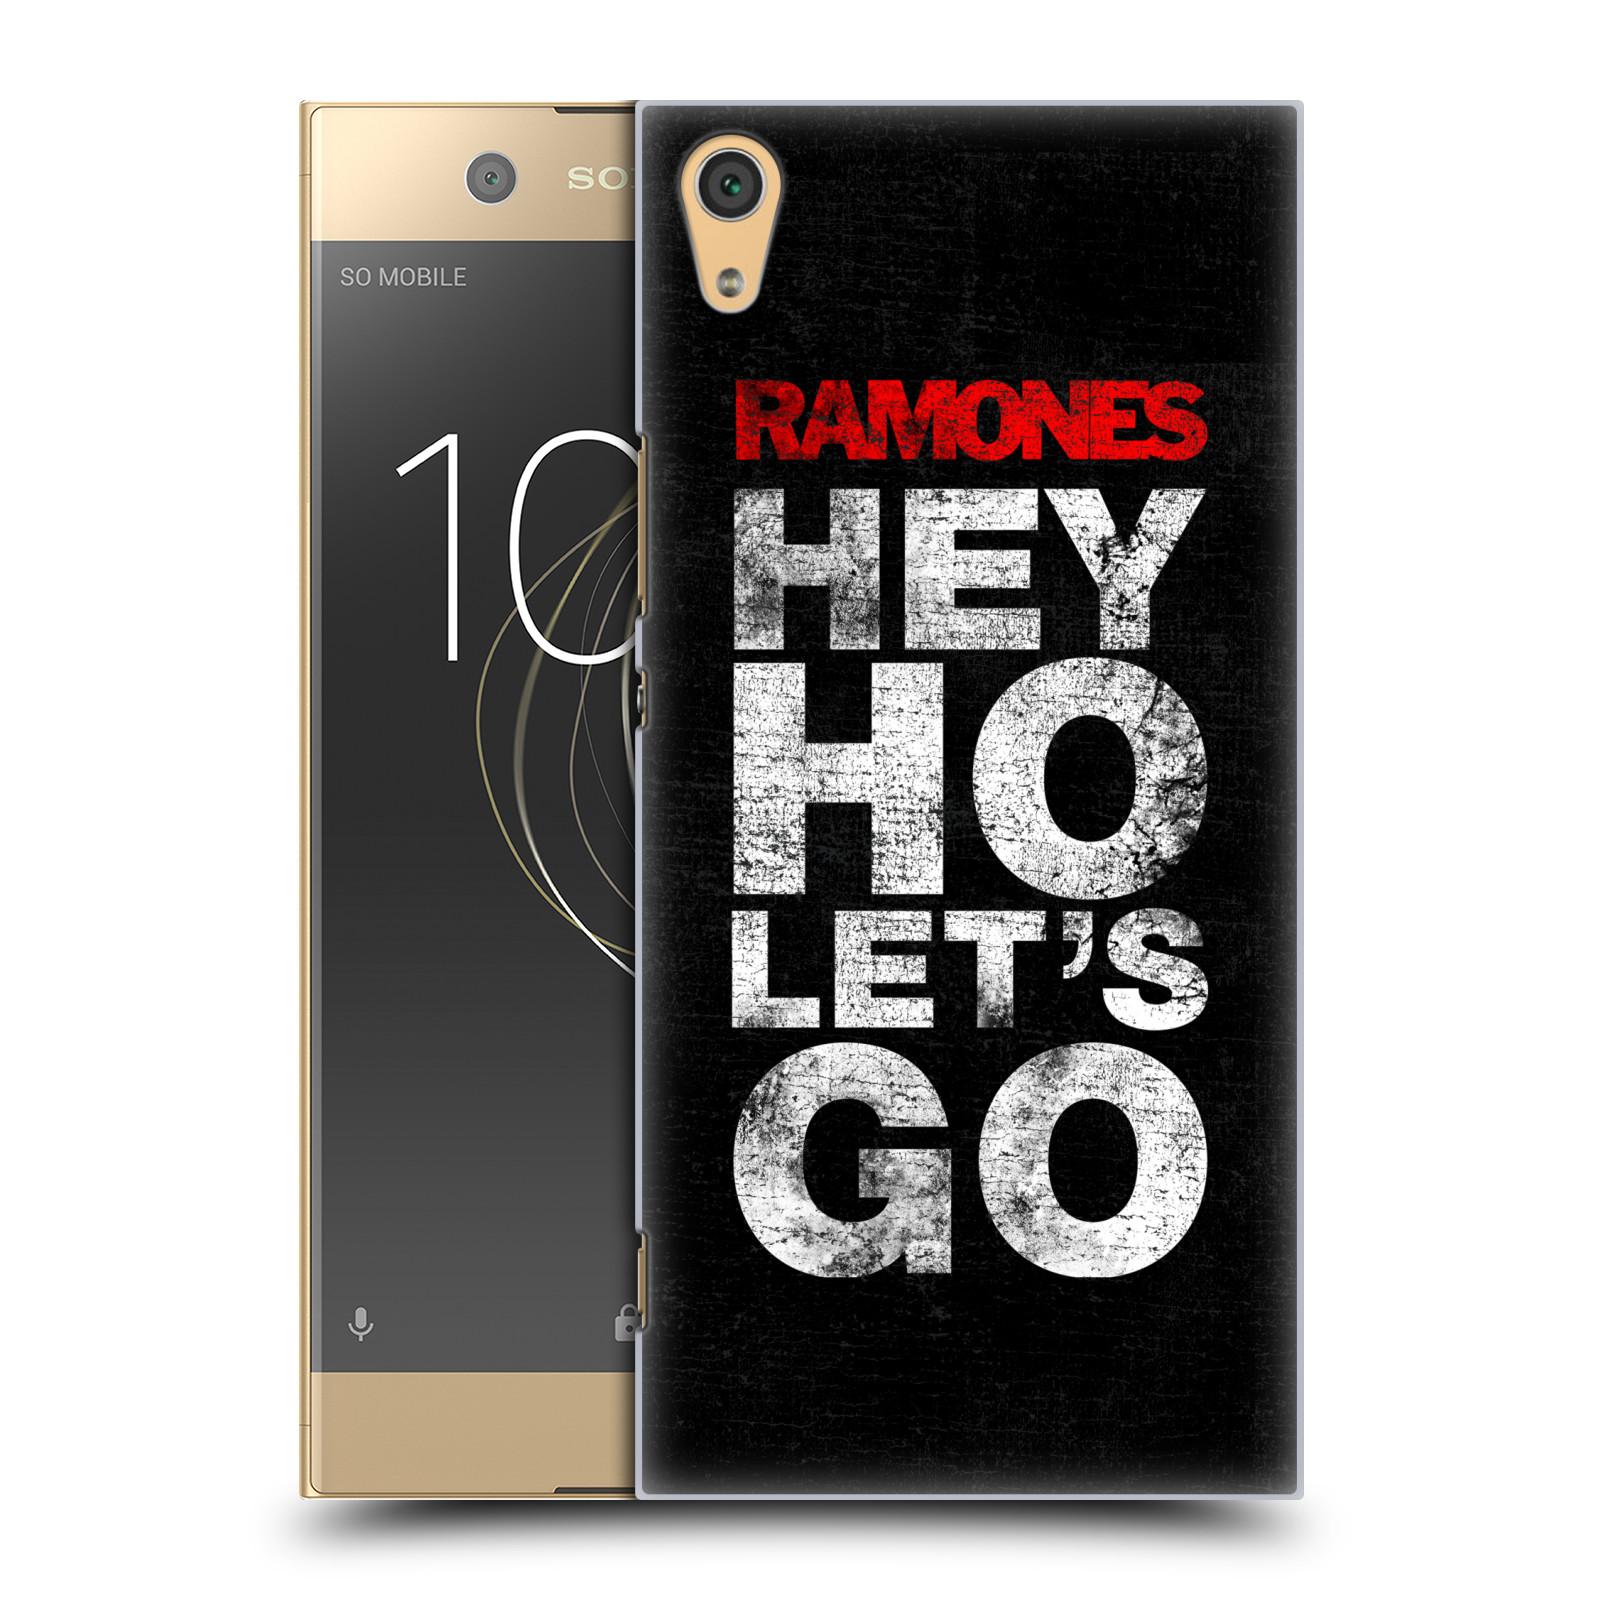 Plastové pouzdro na mobil Sony Xperia XA1 Ultra - Head Case - The Ramones - HEY HO LET´S GO (Plastový kryt či obal na mobilní telefon Sony Xperia XA1 Ultra G3221 s motivem The Ramones - HEY HO LET´S GO)